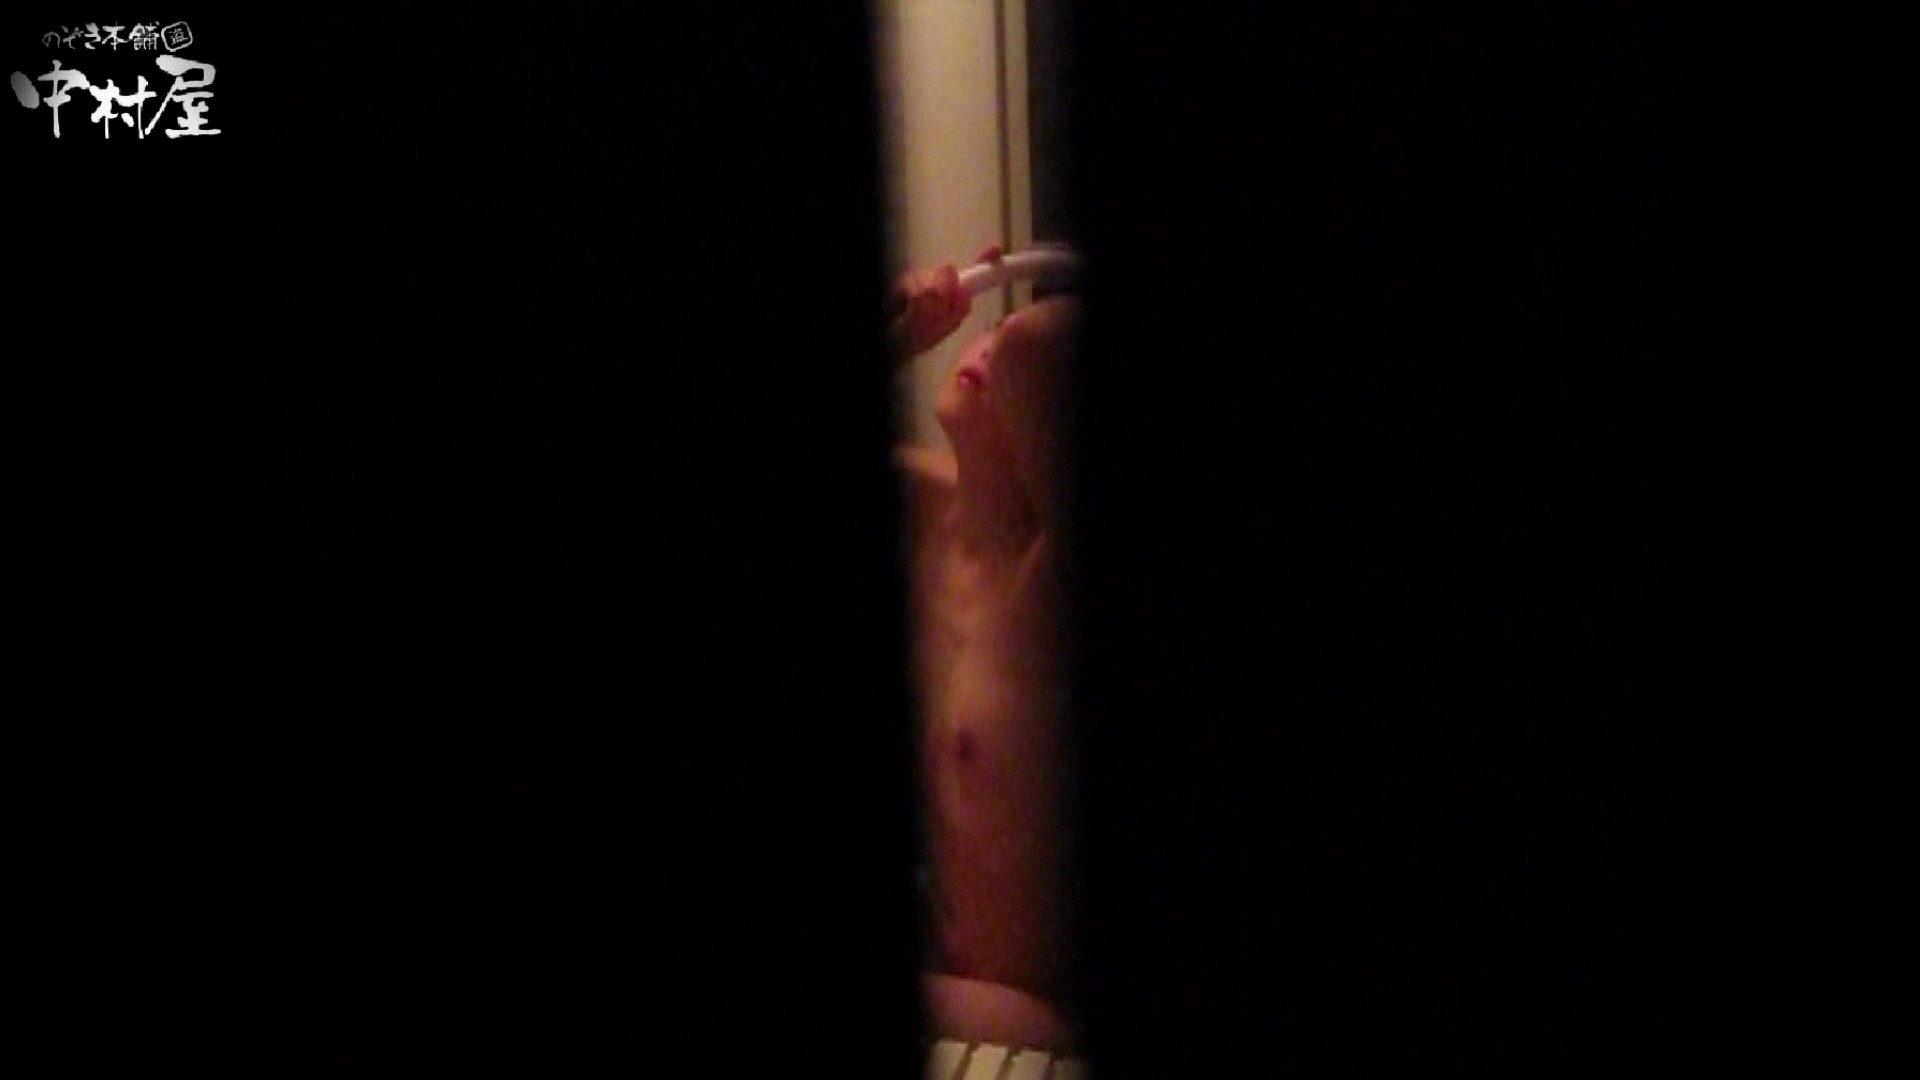 民家風呂専門盗撮師の超危険映像 vol.004 民家   美少女ヌード  80pic 40